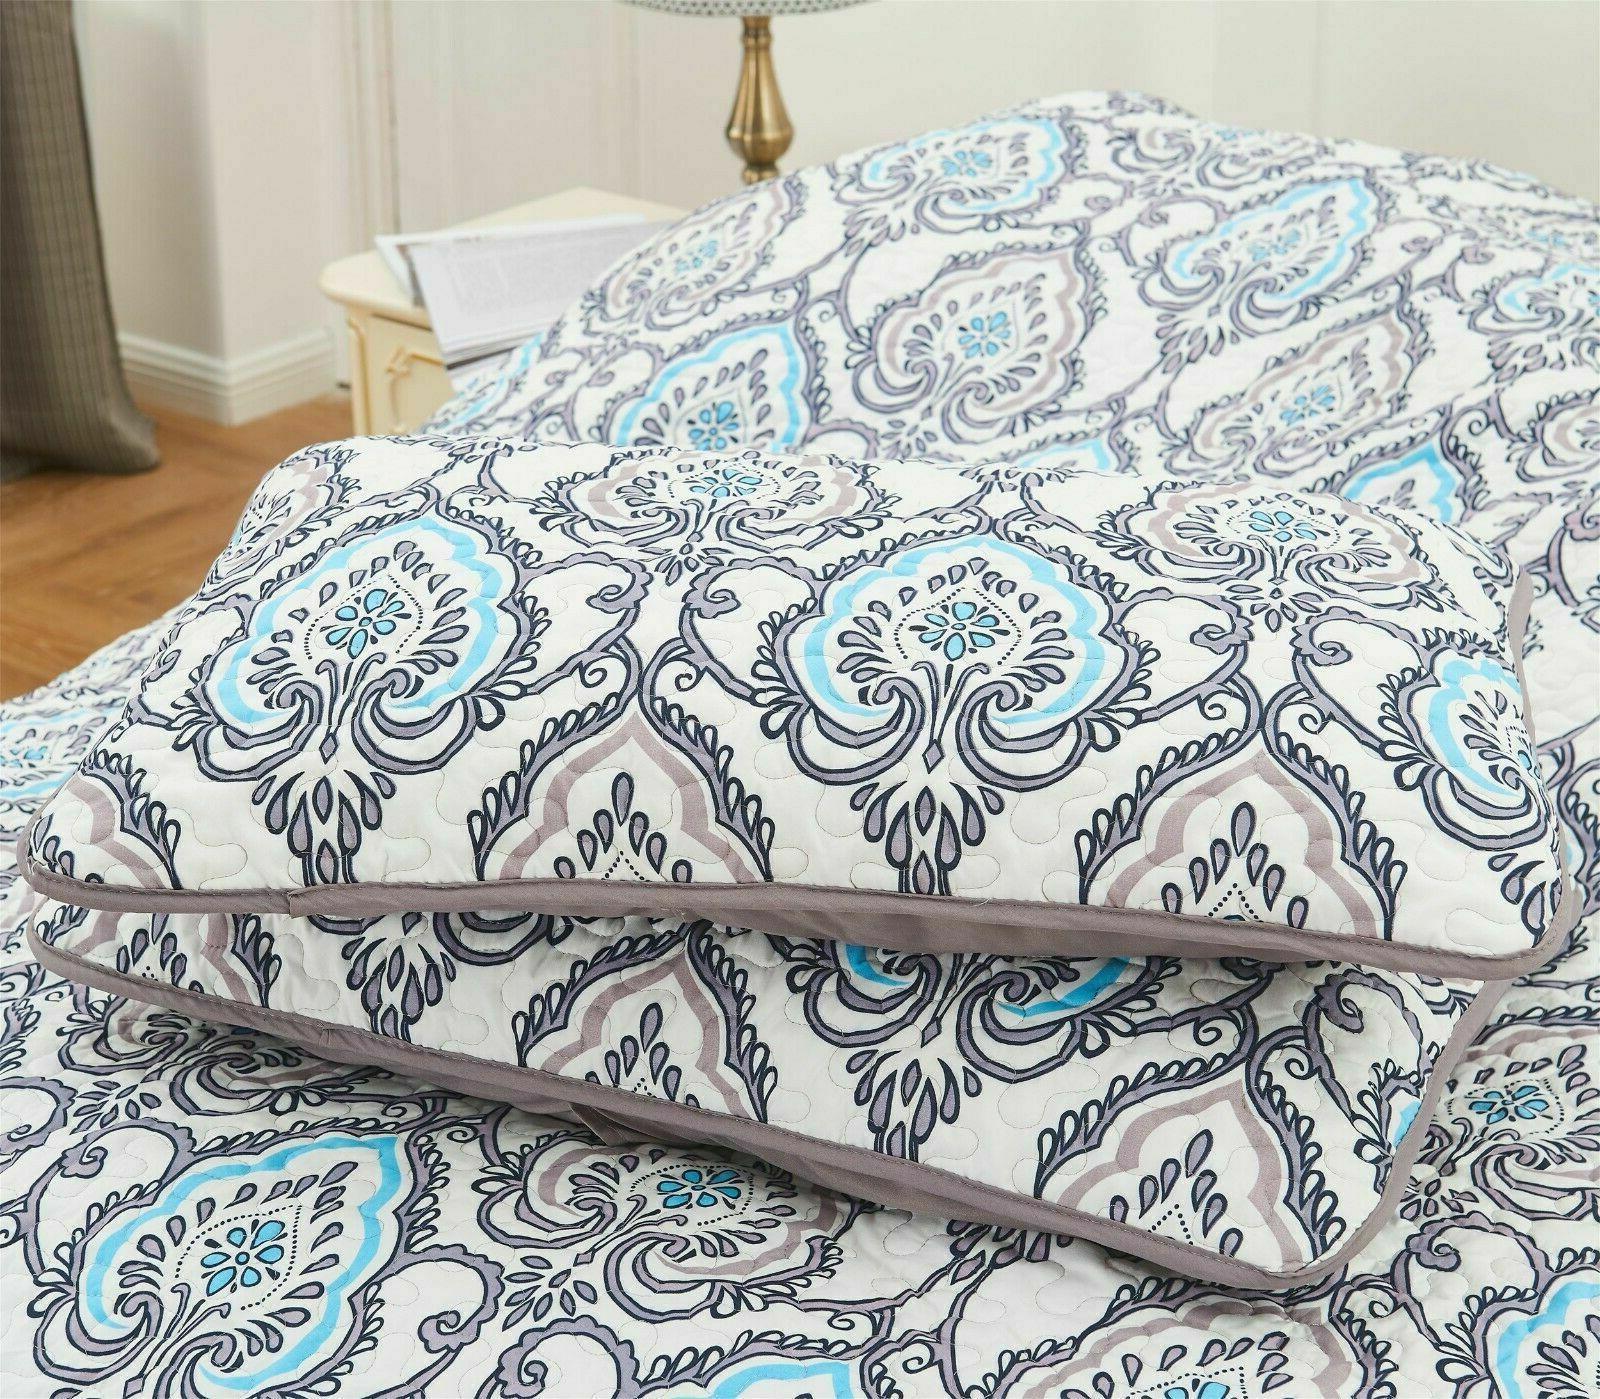 4 Bedding Set Pattern Queen Pillows Shams